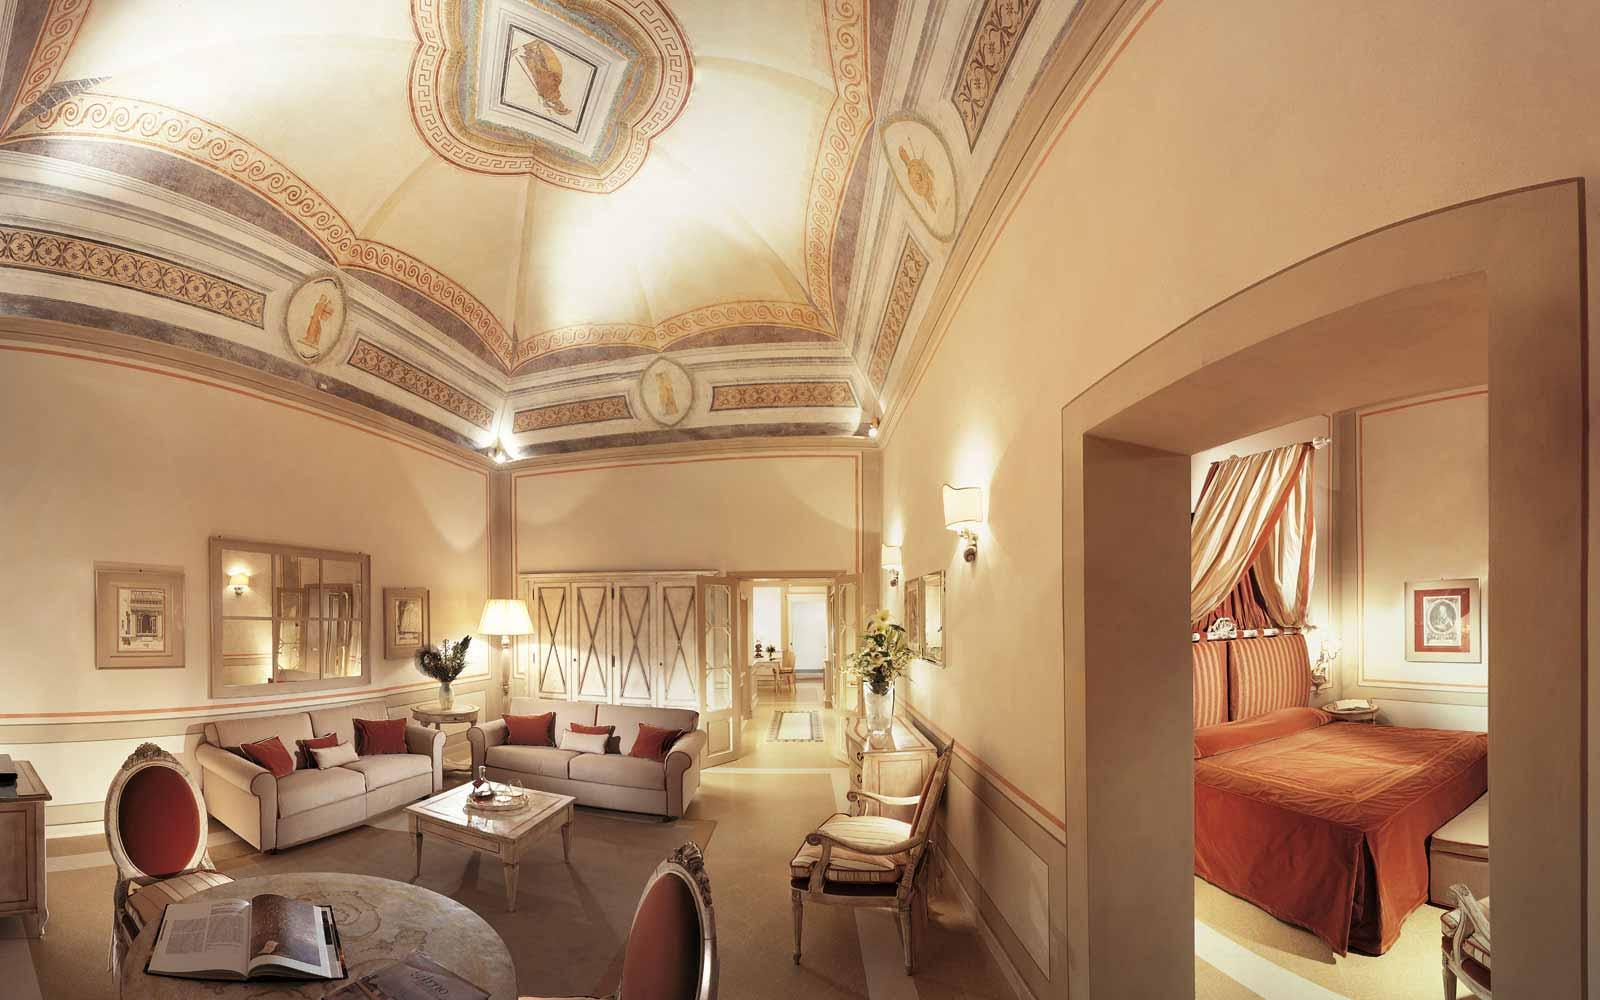 Grand Duke's Suite at Bagni di Pisa